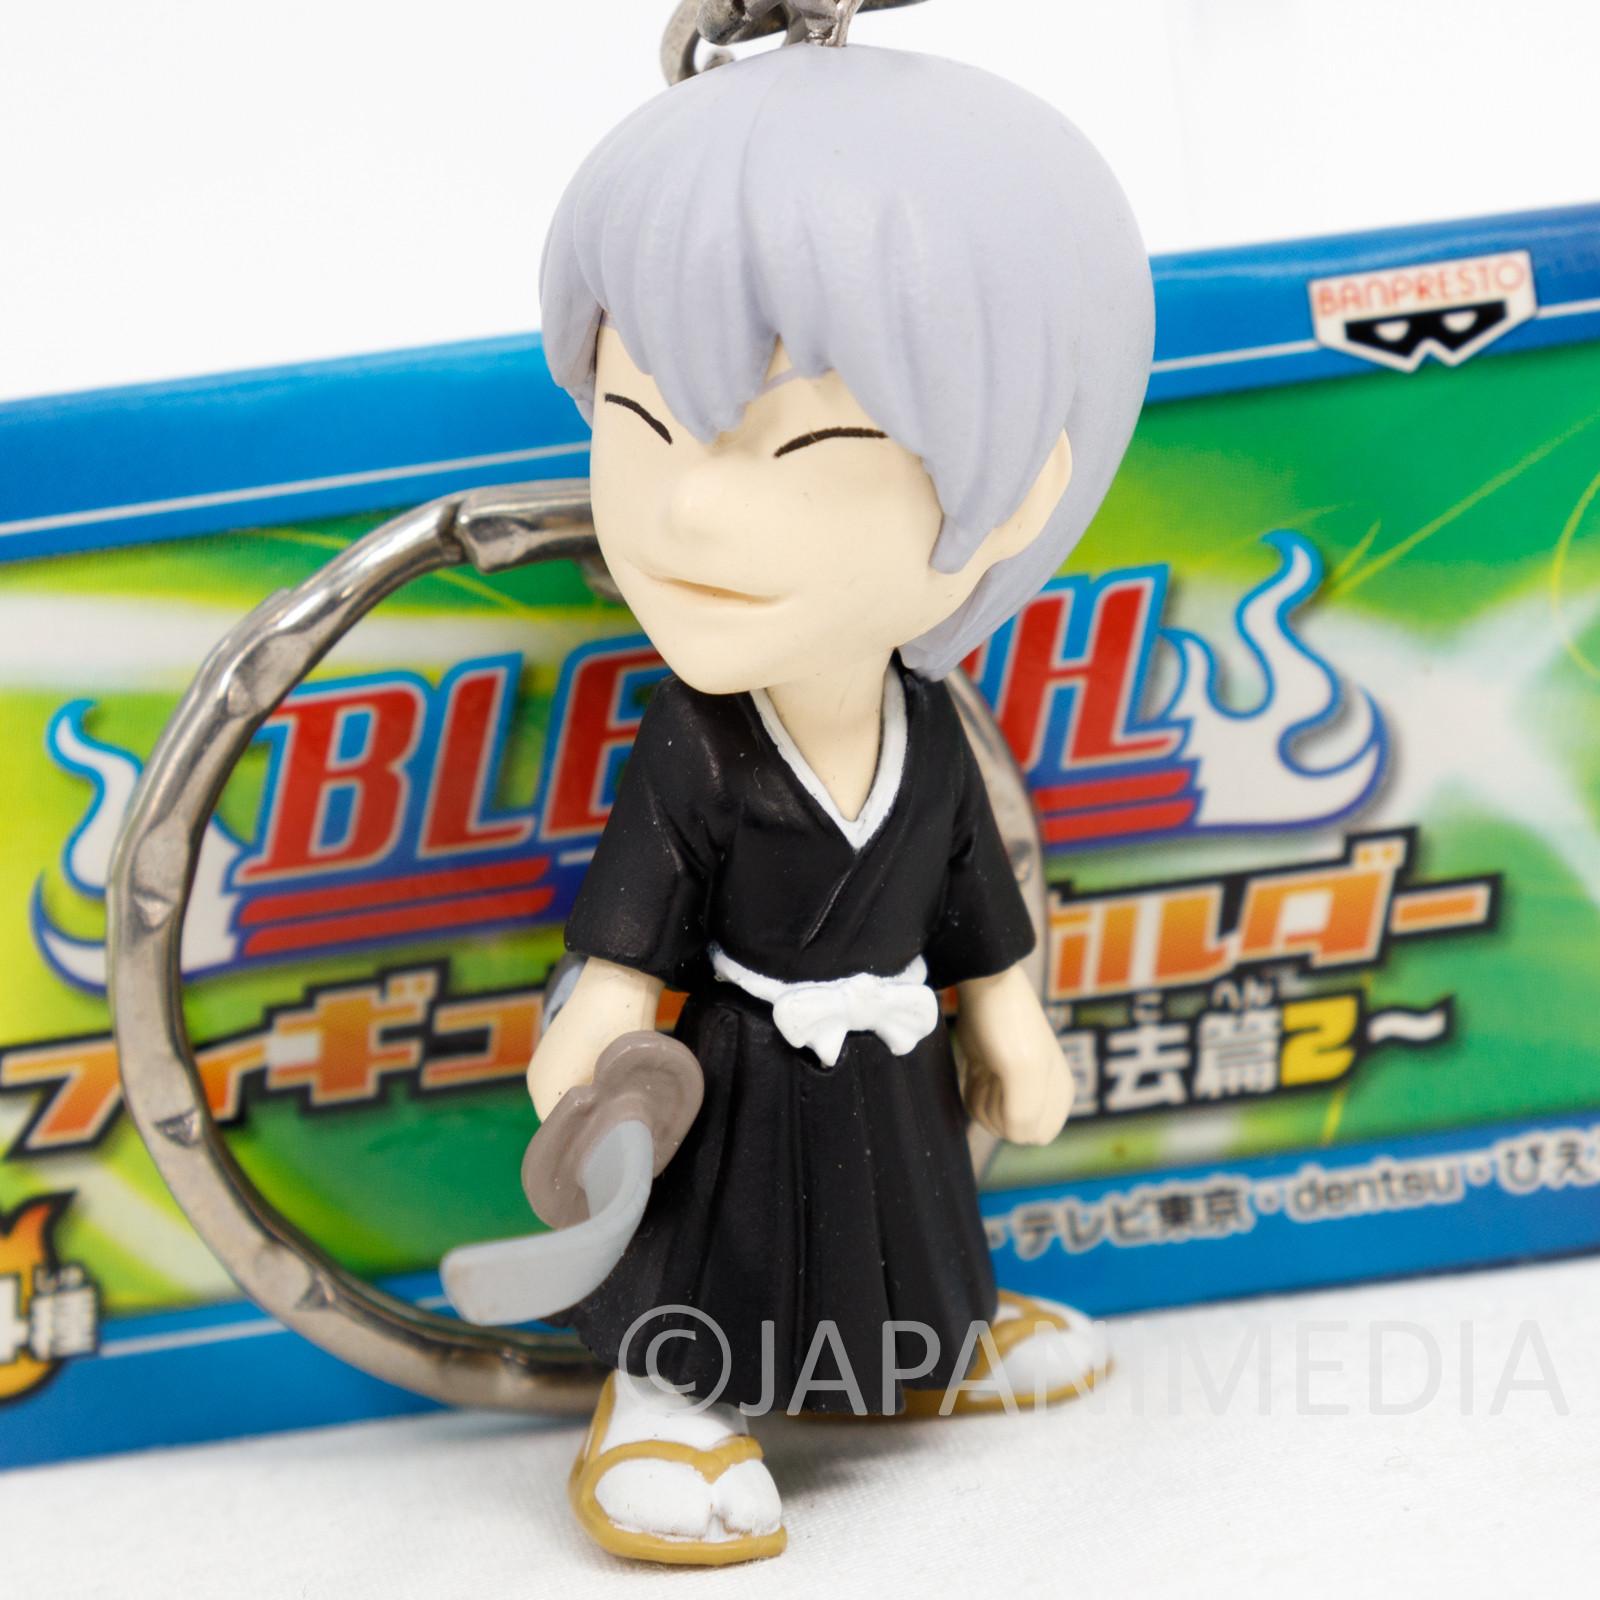 Bleach Gin Ichimaru Figure Keychain Banpresto JAPAN ANIME SHONEN JUMP